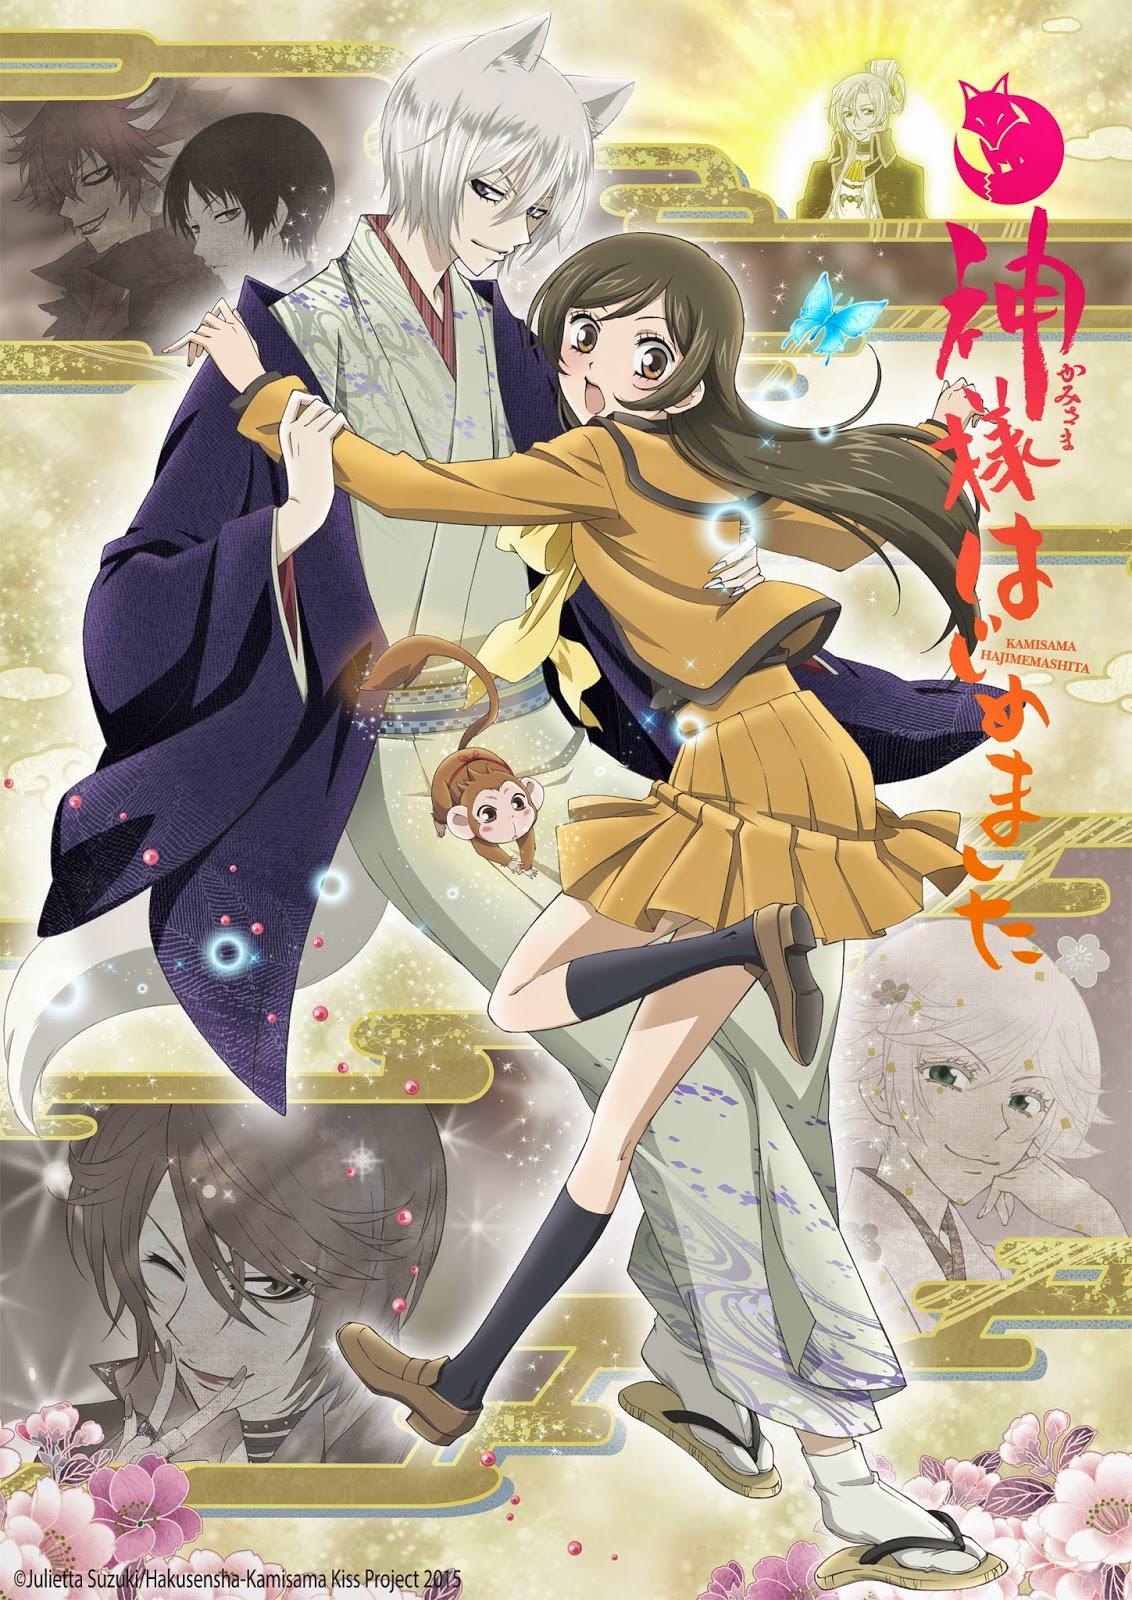 Kamisama Hajimemashita S2 |12/12| |Audio Latino| |BD Ligero 720p| |Mega|